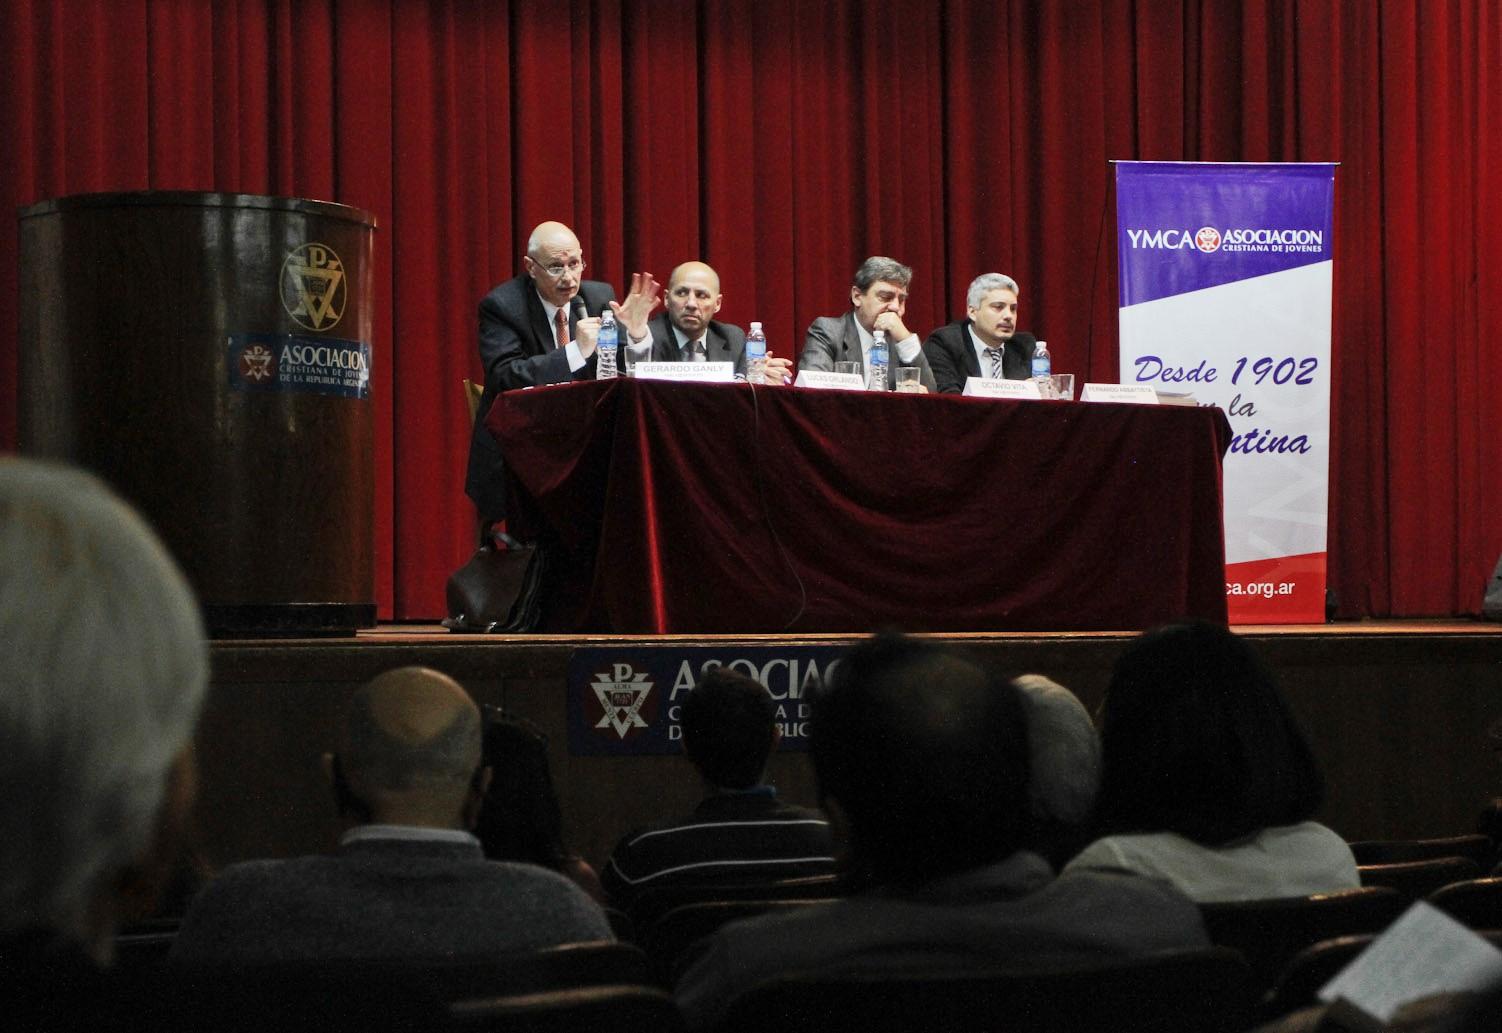 La IGJ expuso sobre el Código Unificado en la Asociación Cristiana de Jóvenes